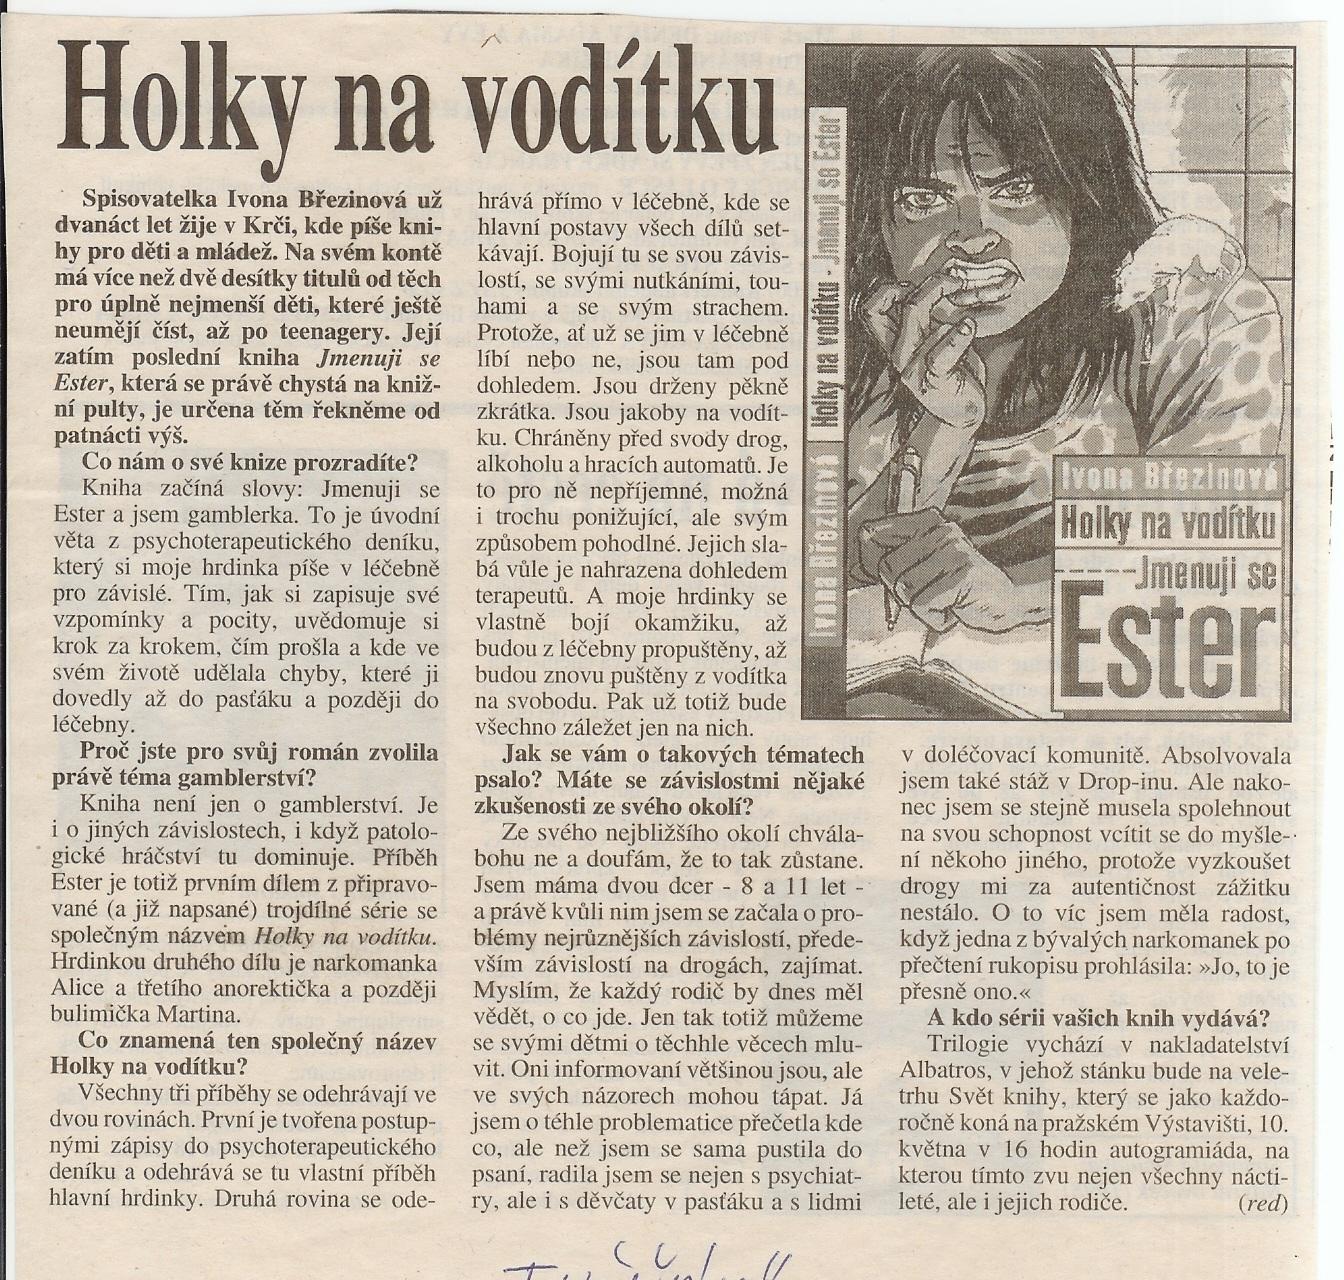 Holky na voditku_Tucnak_kveten_2002